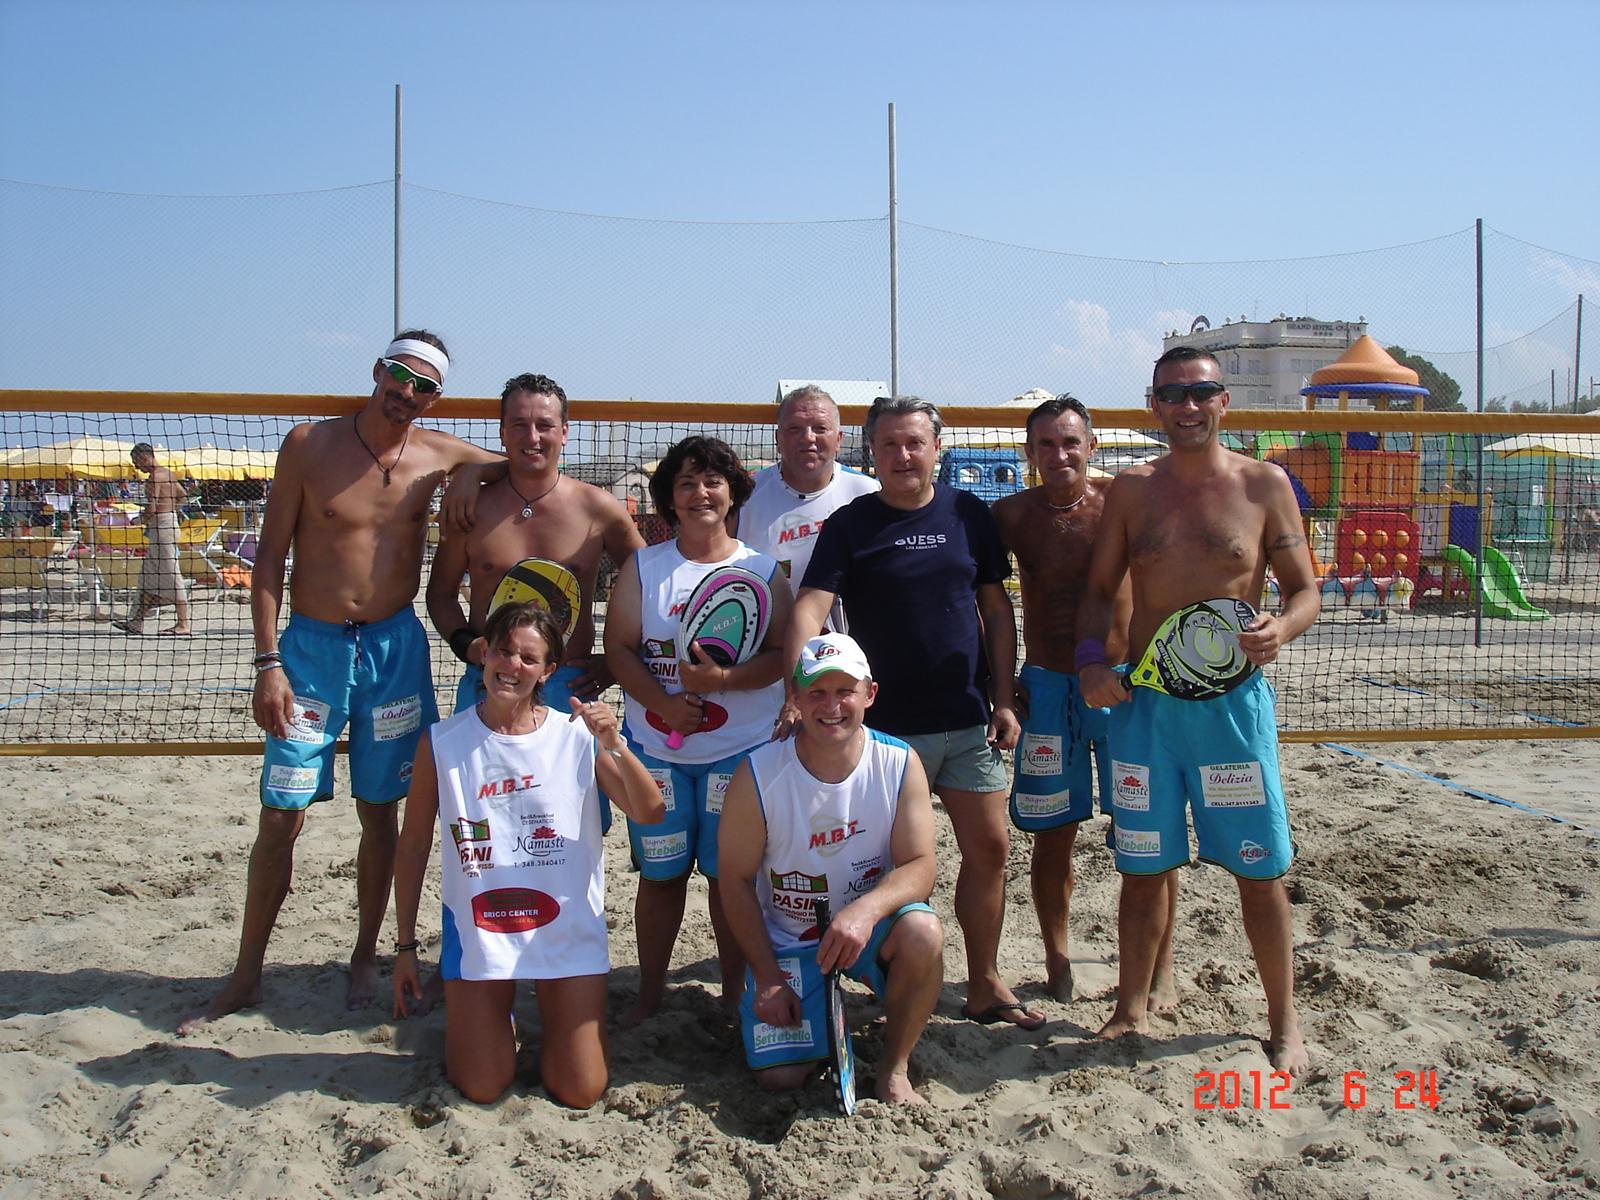 Play ball associazione sportiva dilettantistica beach tennis corsi avviamento e perfezzioanmento - Bagno sara beach pinarella ...